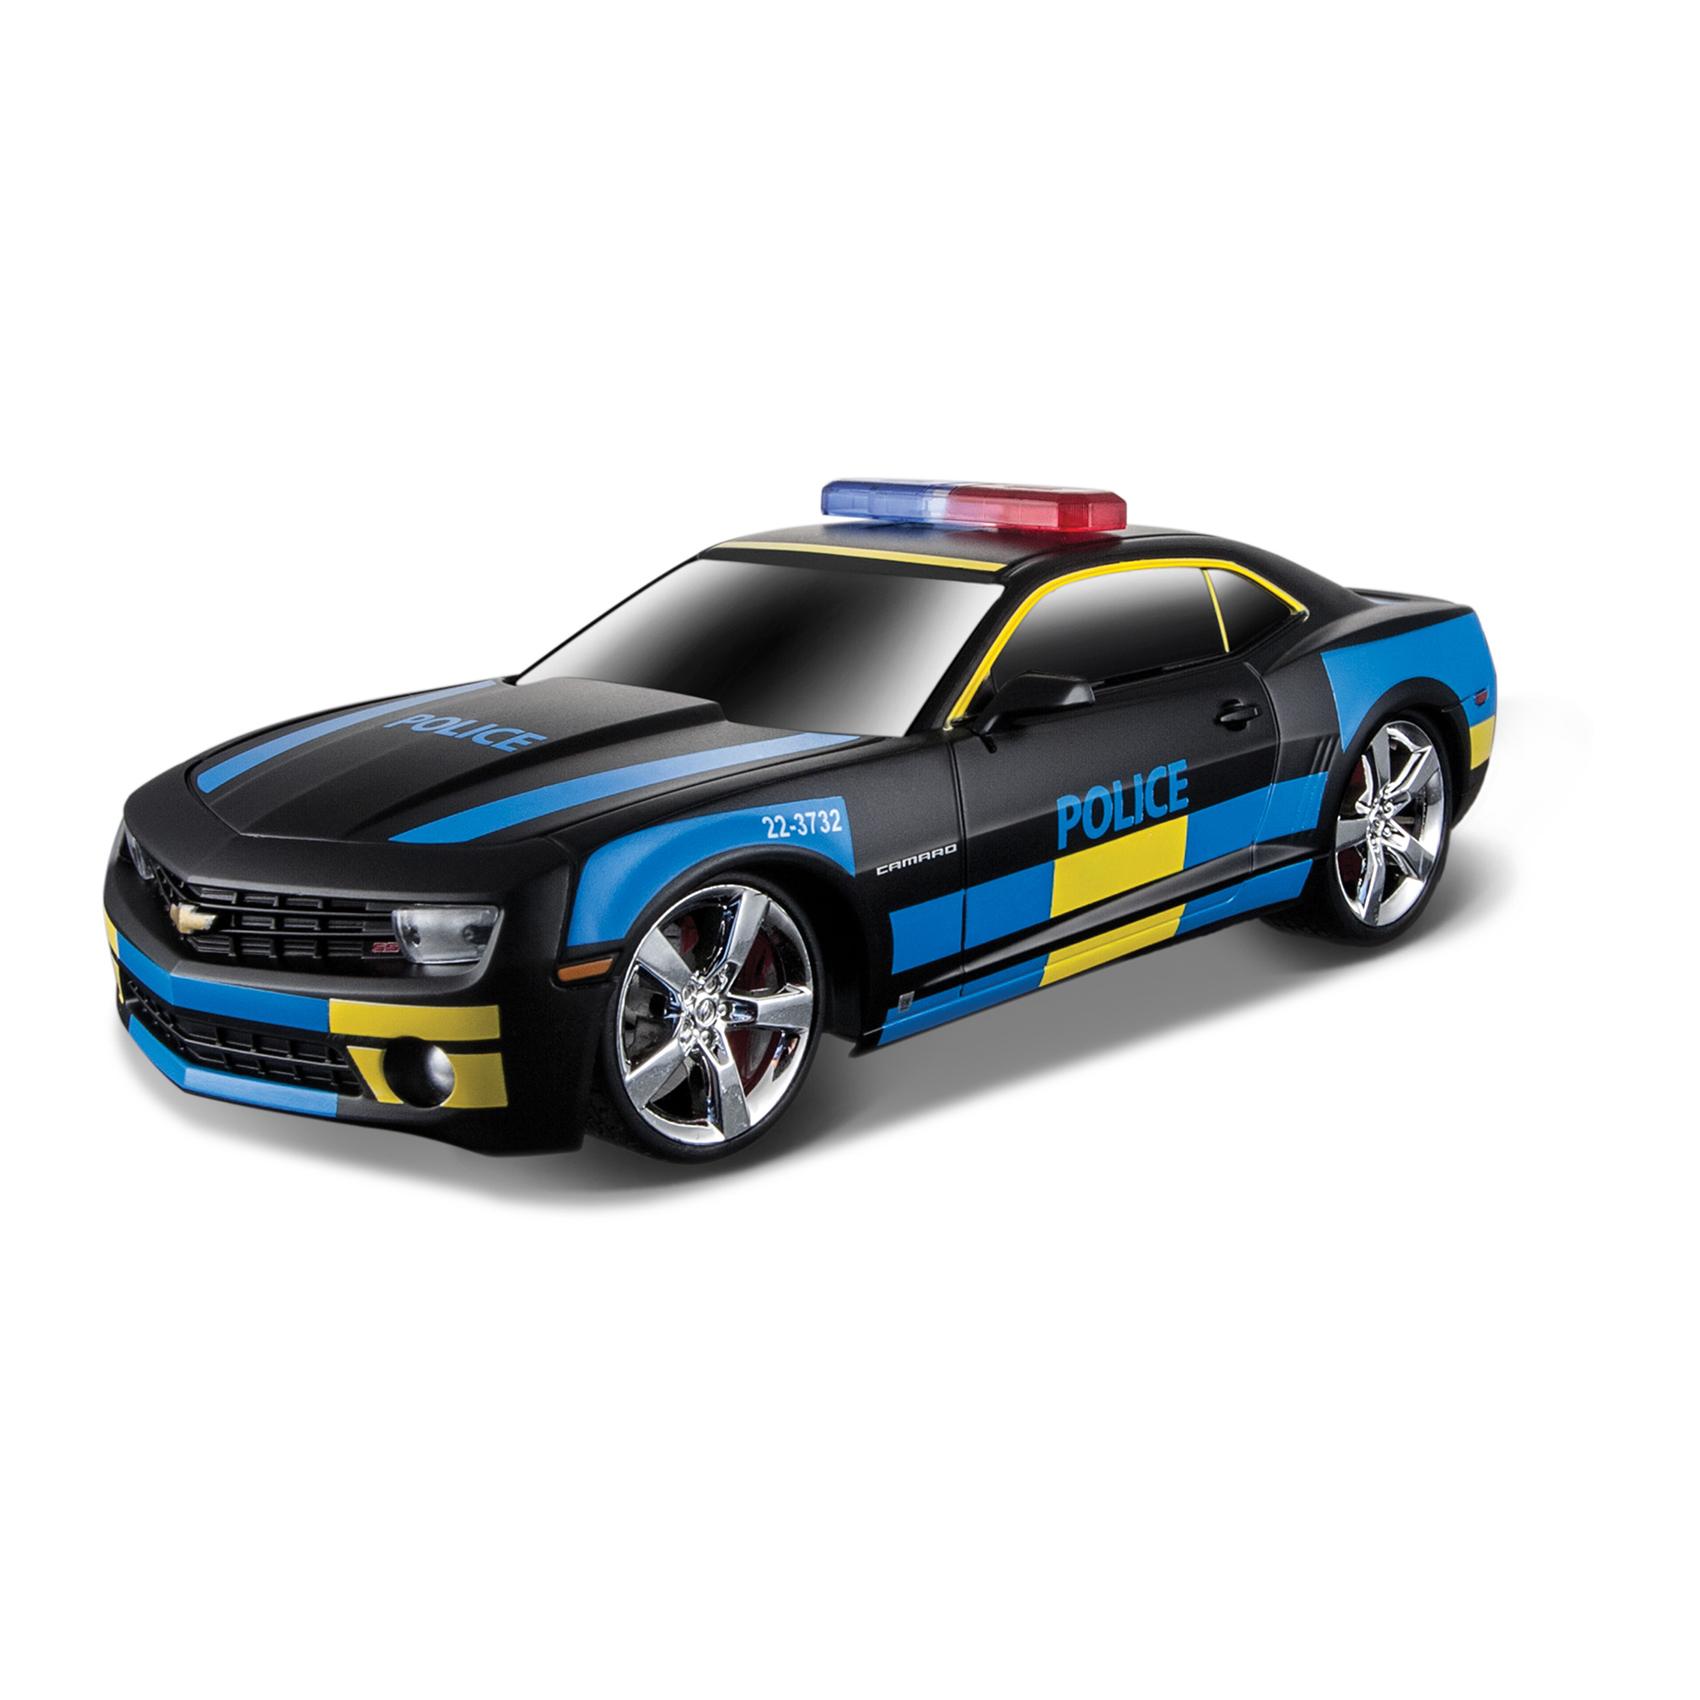 Masinuta Maisto MotoSounds Chevrolet Camaro SS RS 2010 (masina de politie) 1:24,Negru